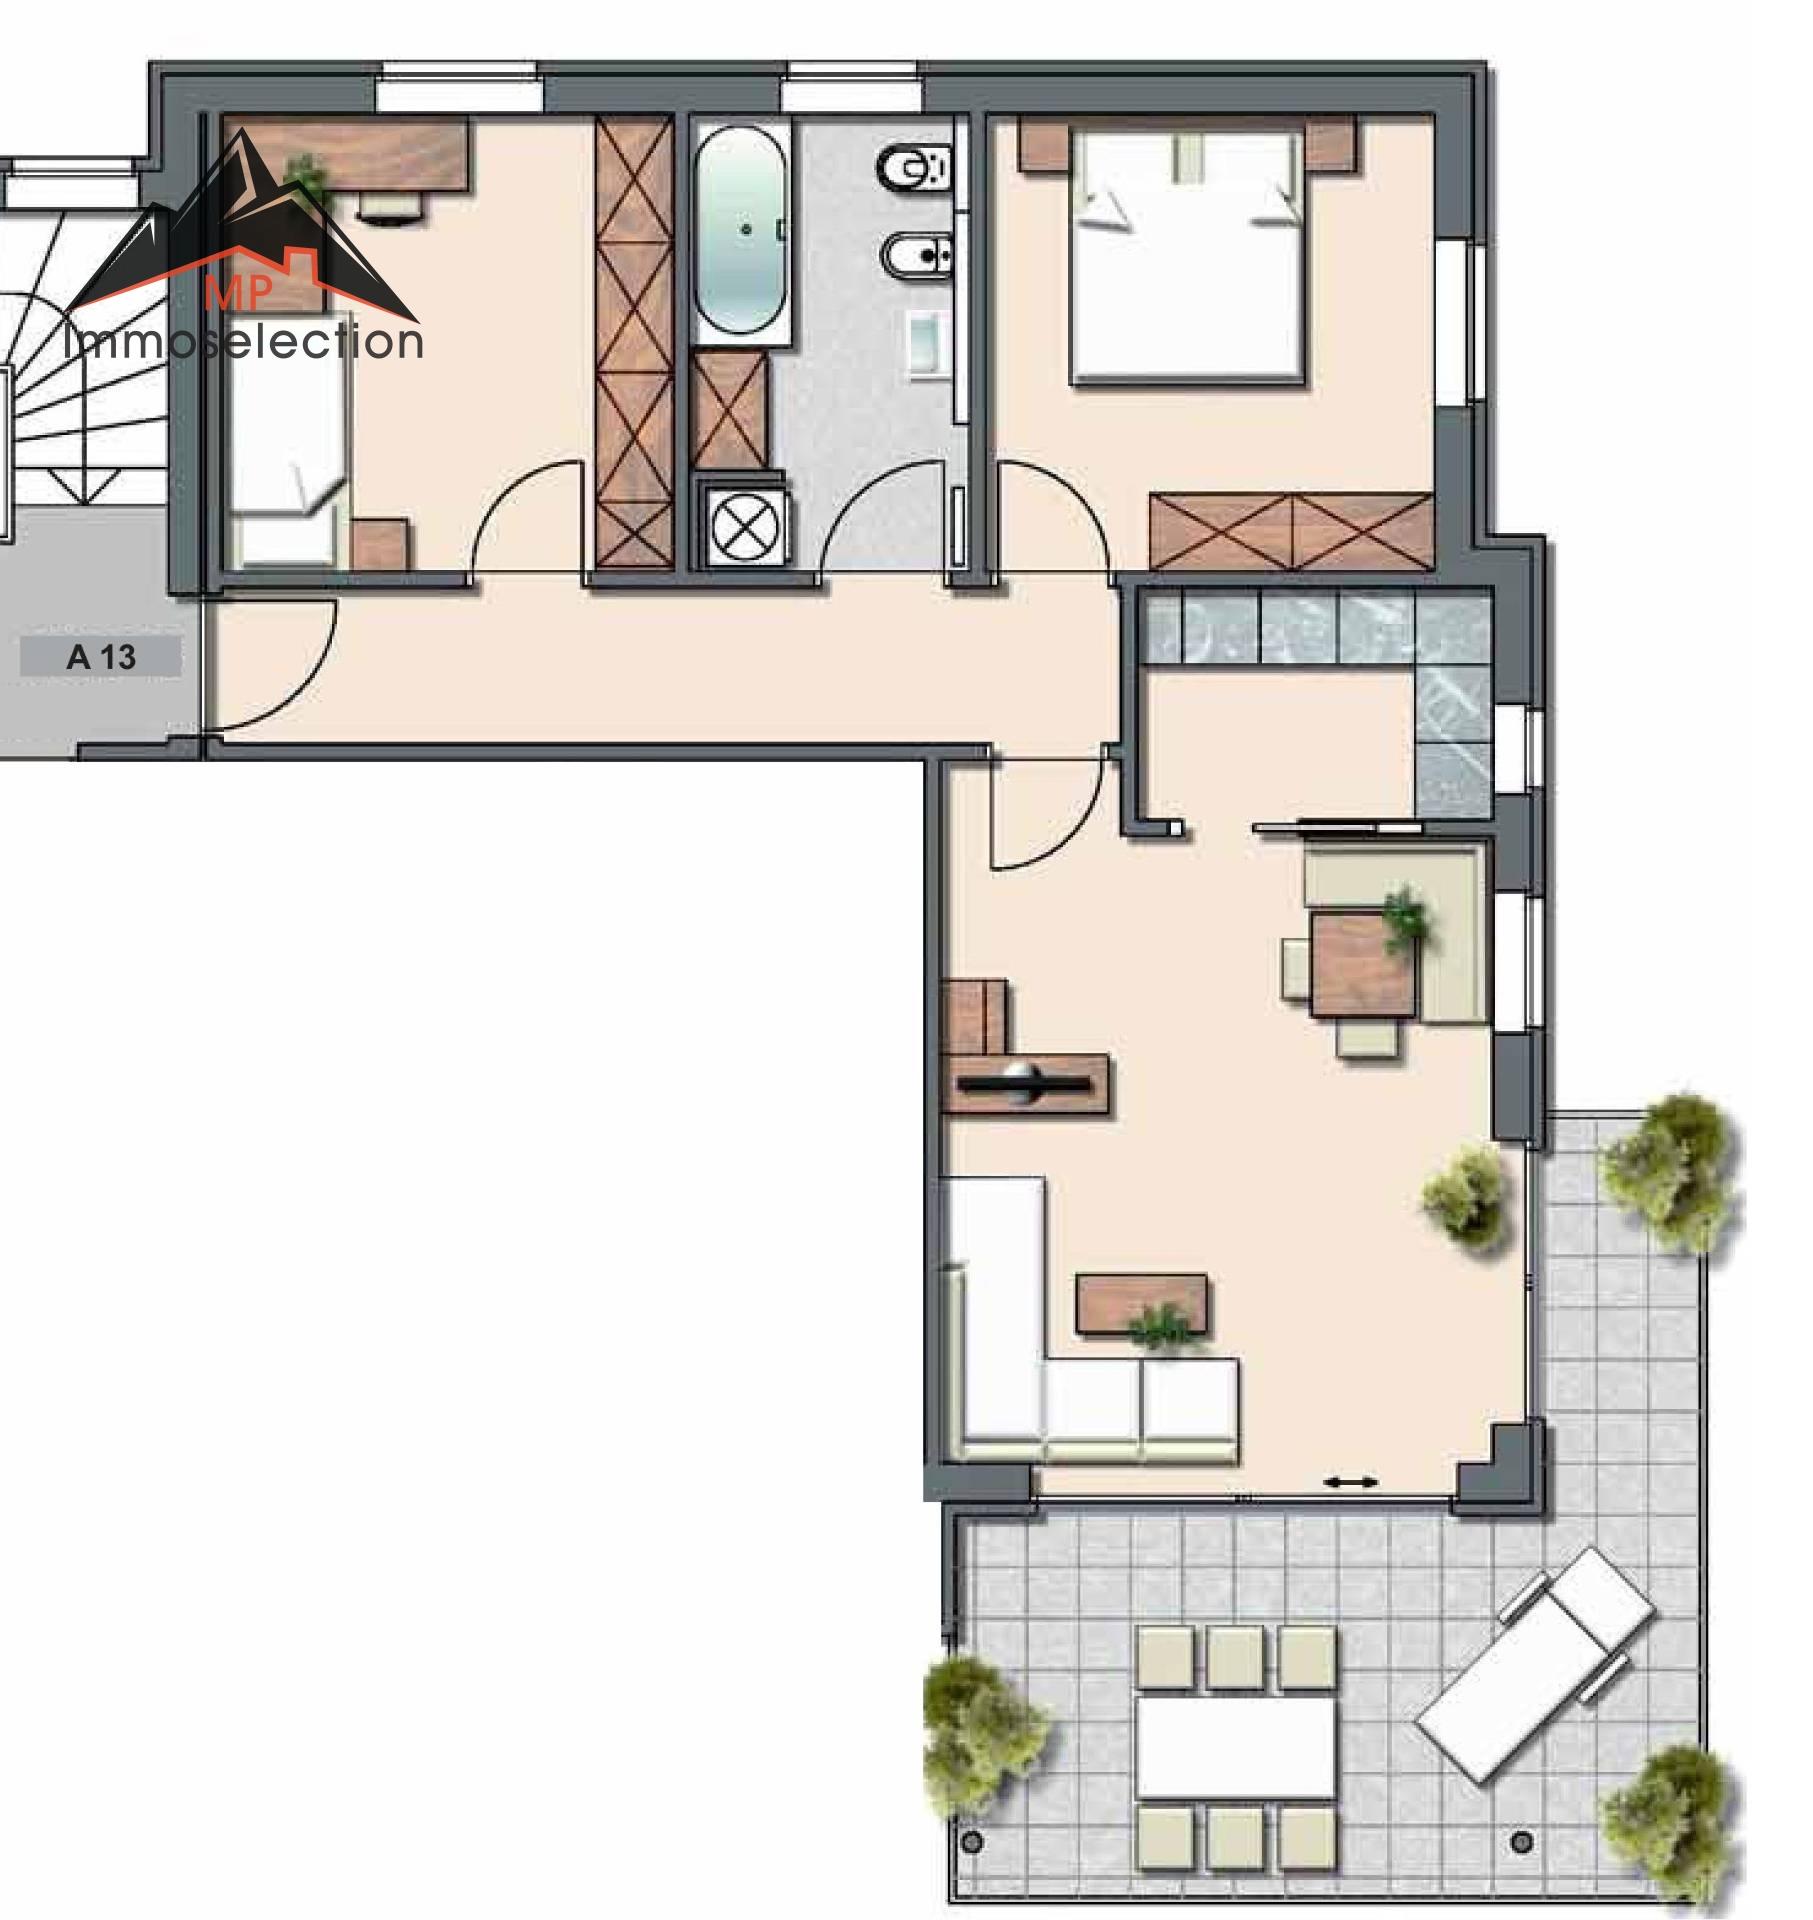 Appartamento in Vendita a Brunico - Bruneck Cod. BK1067-A13